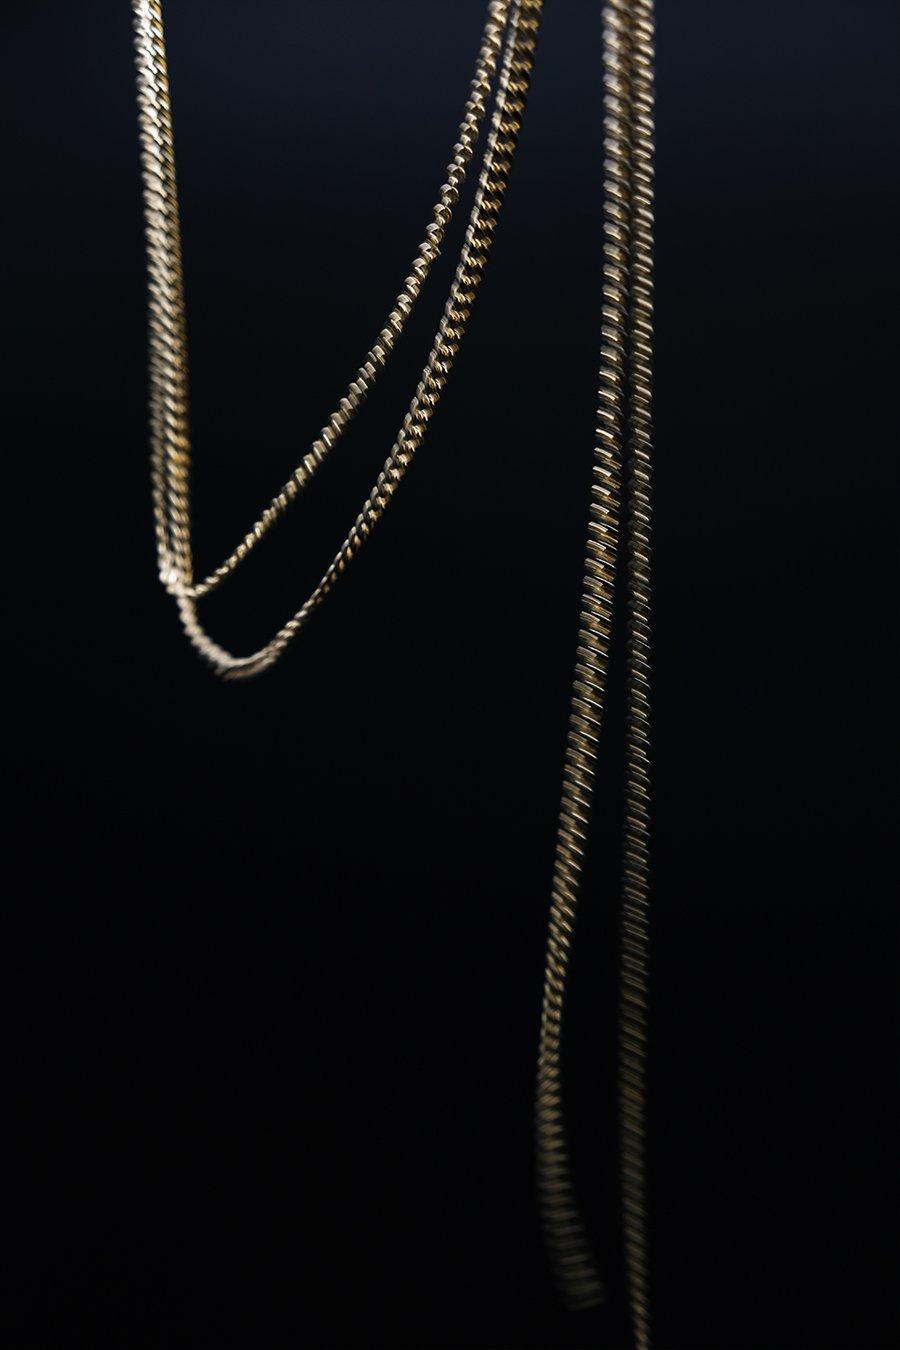 인사일런스 우먼(INSILENCE WOMEN) F008 GOLD